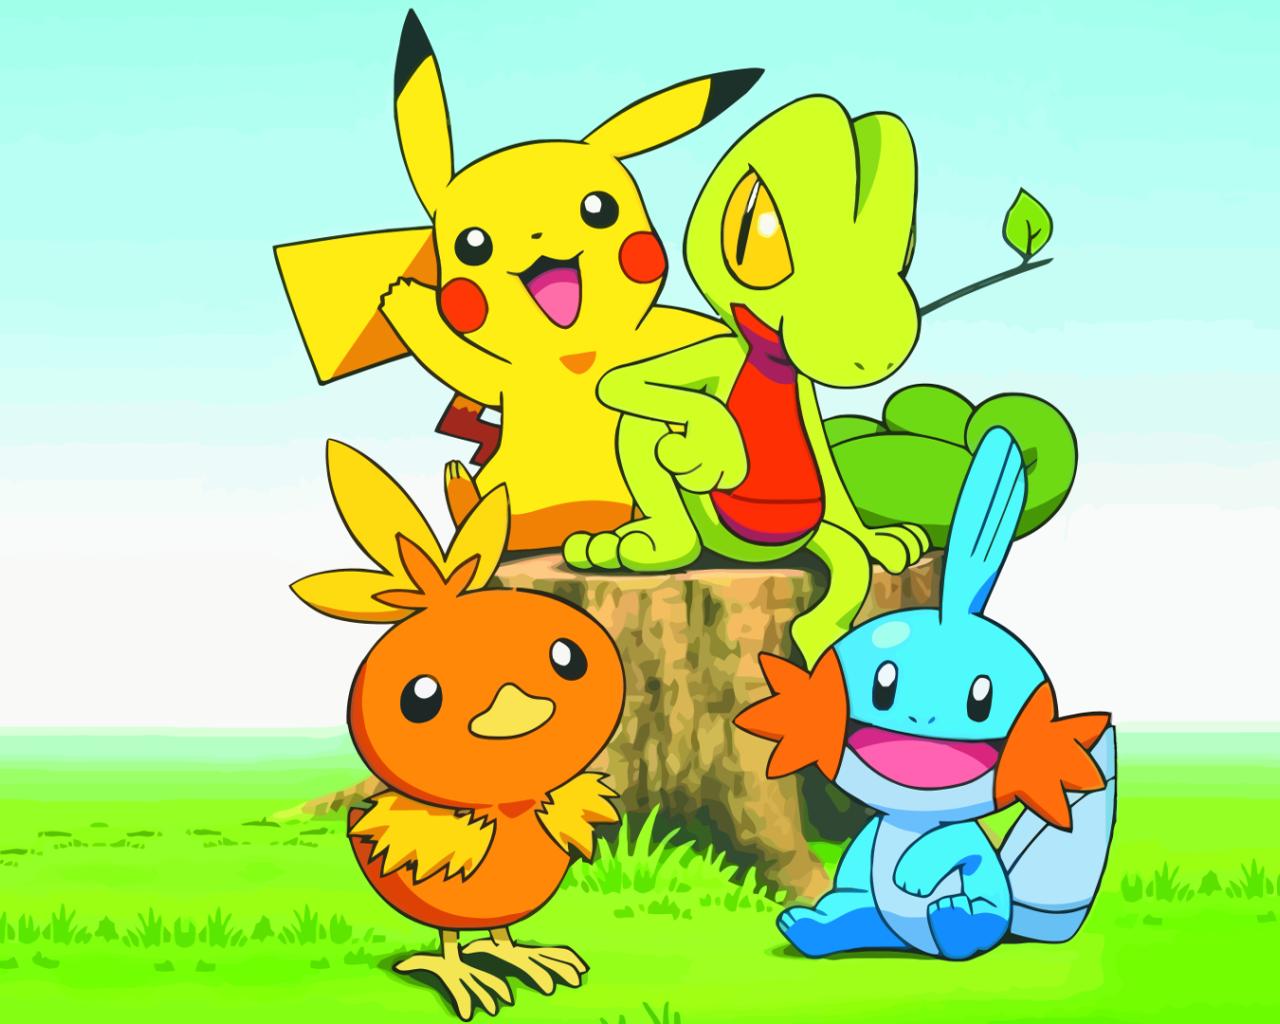 Download Pokemon Pikachu Wallpaper 1280x1024 Wallpoper 407819 1280x1024